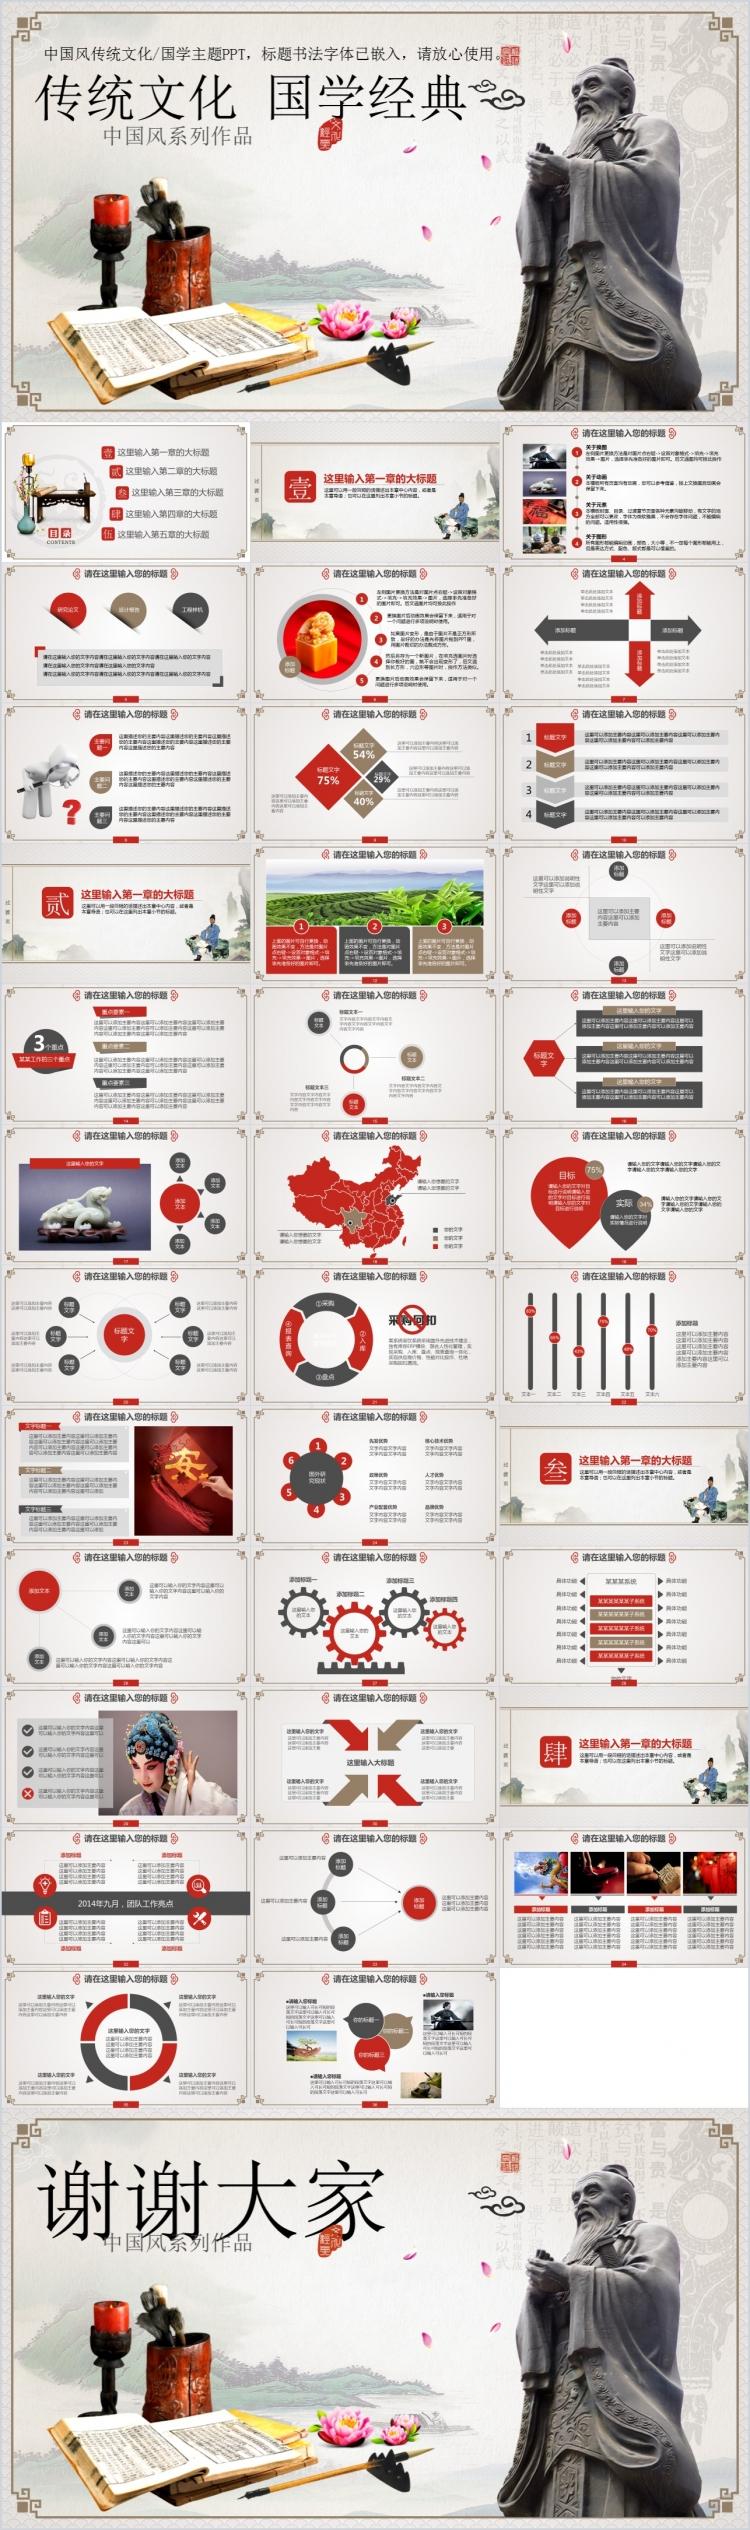 传统文化国学经典商务总结汇报中国风水墨ppt模板